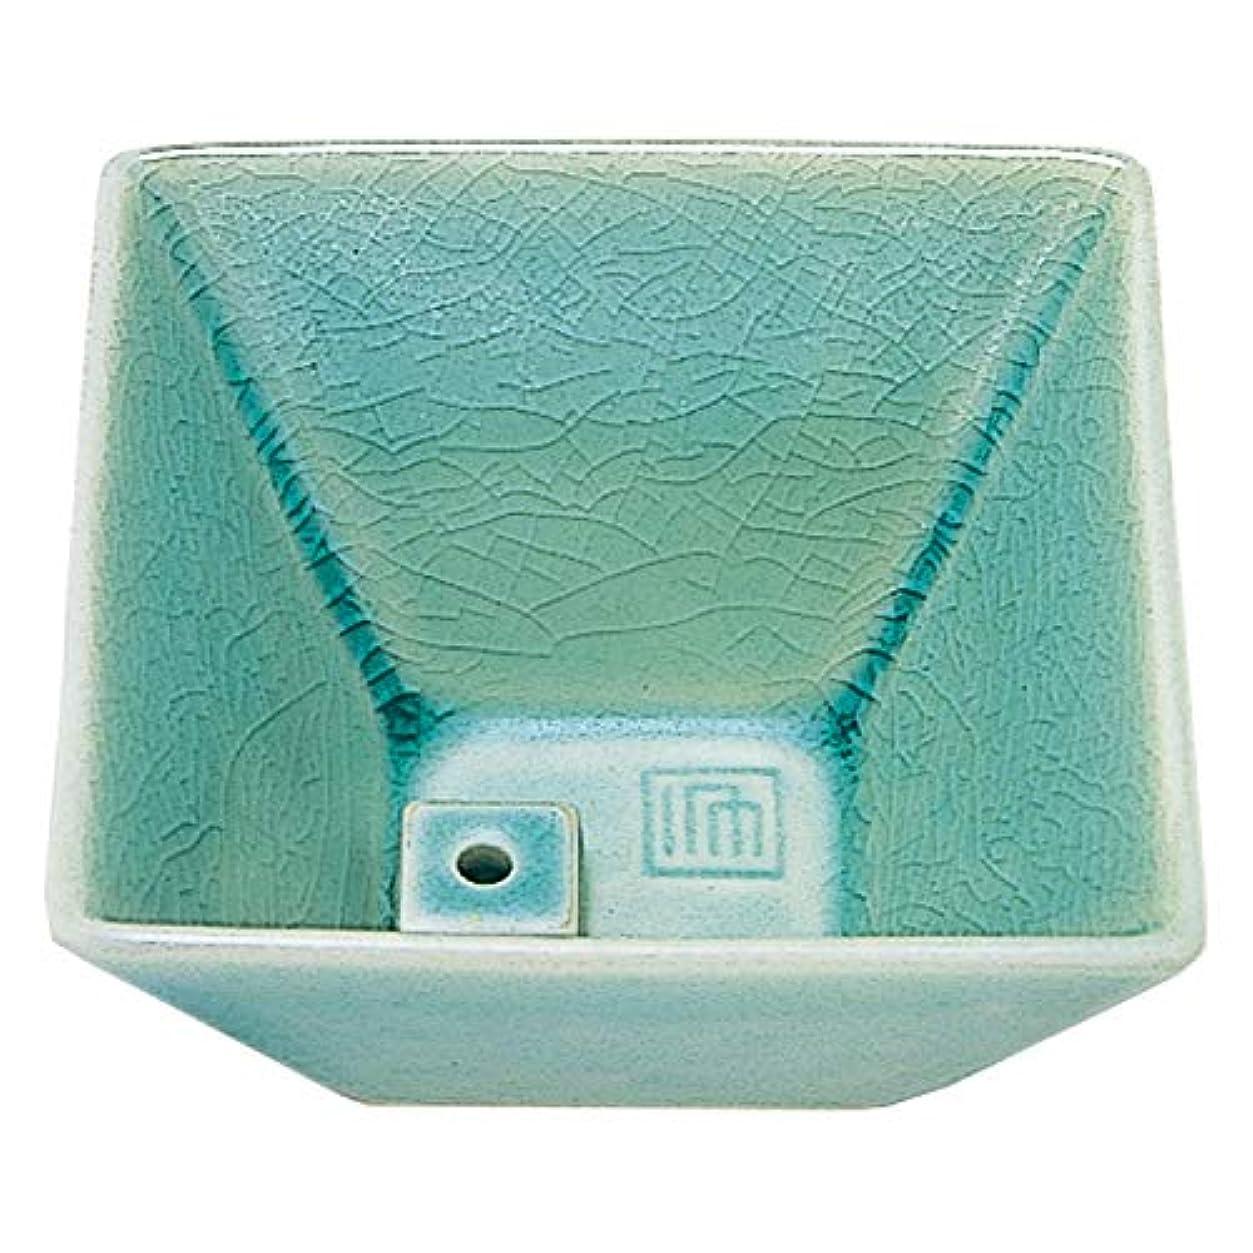 気を散らす支配する規定縁 香器 青磁色